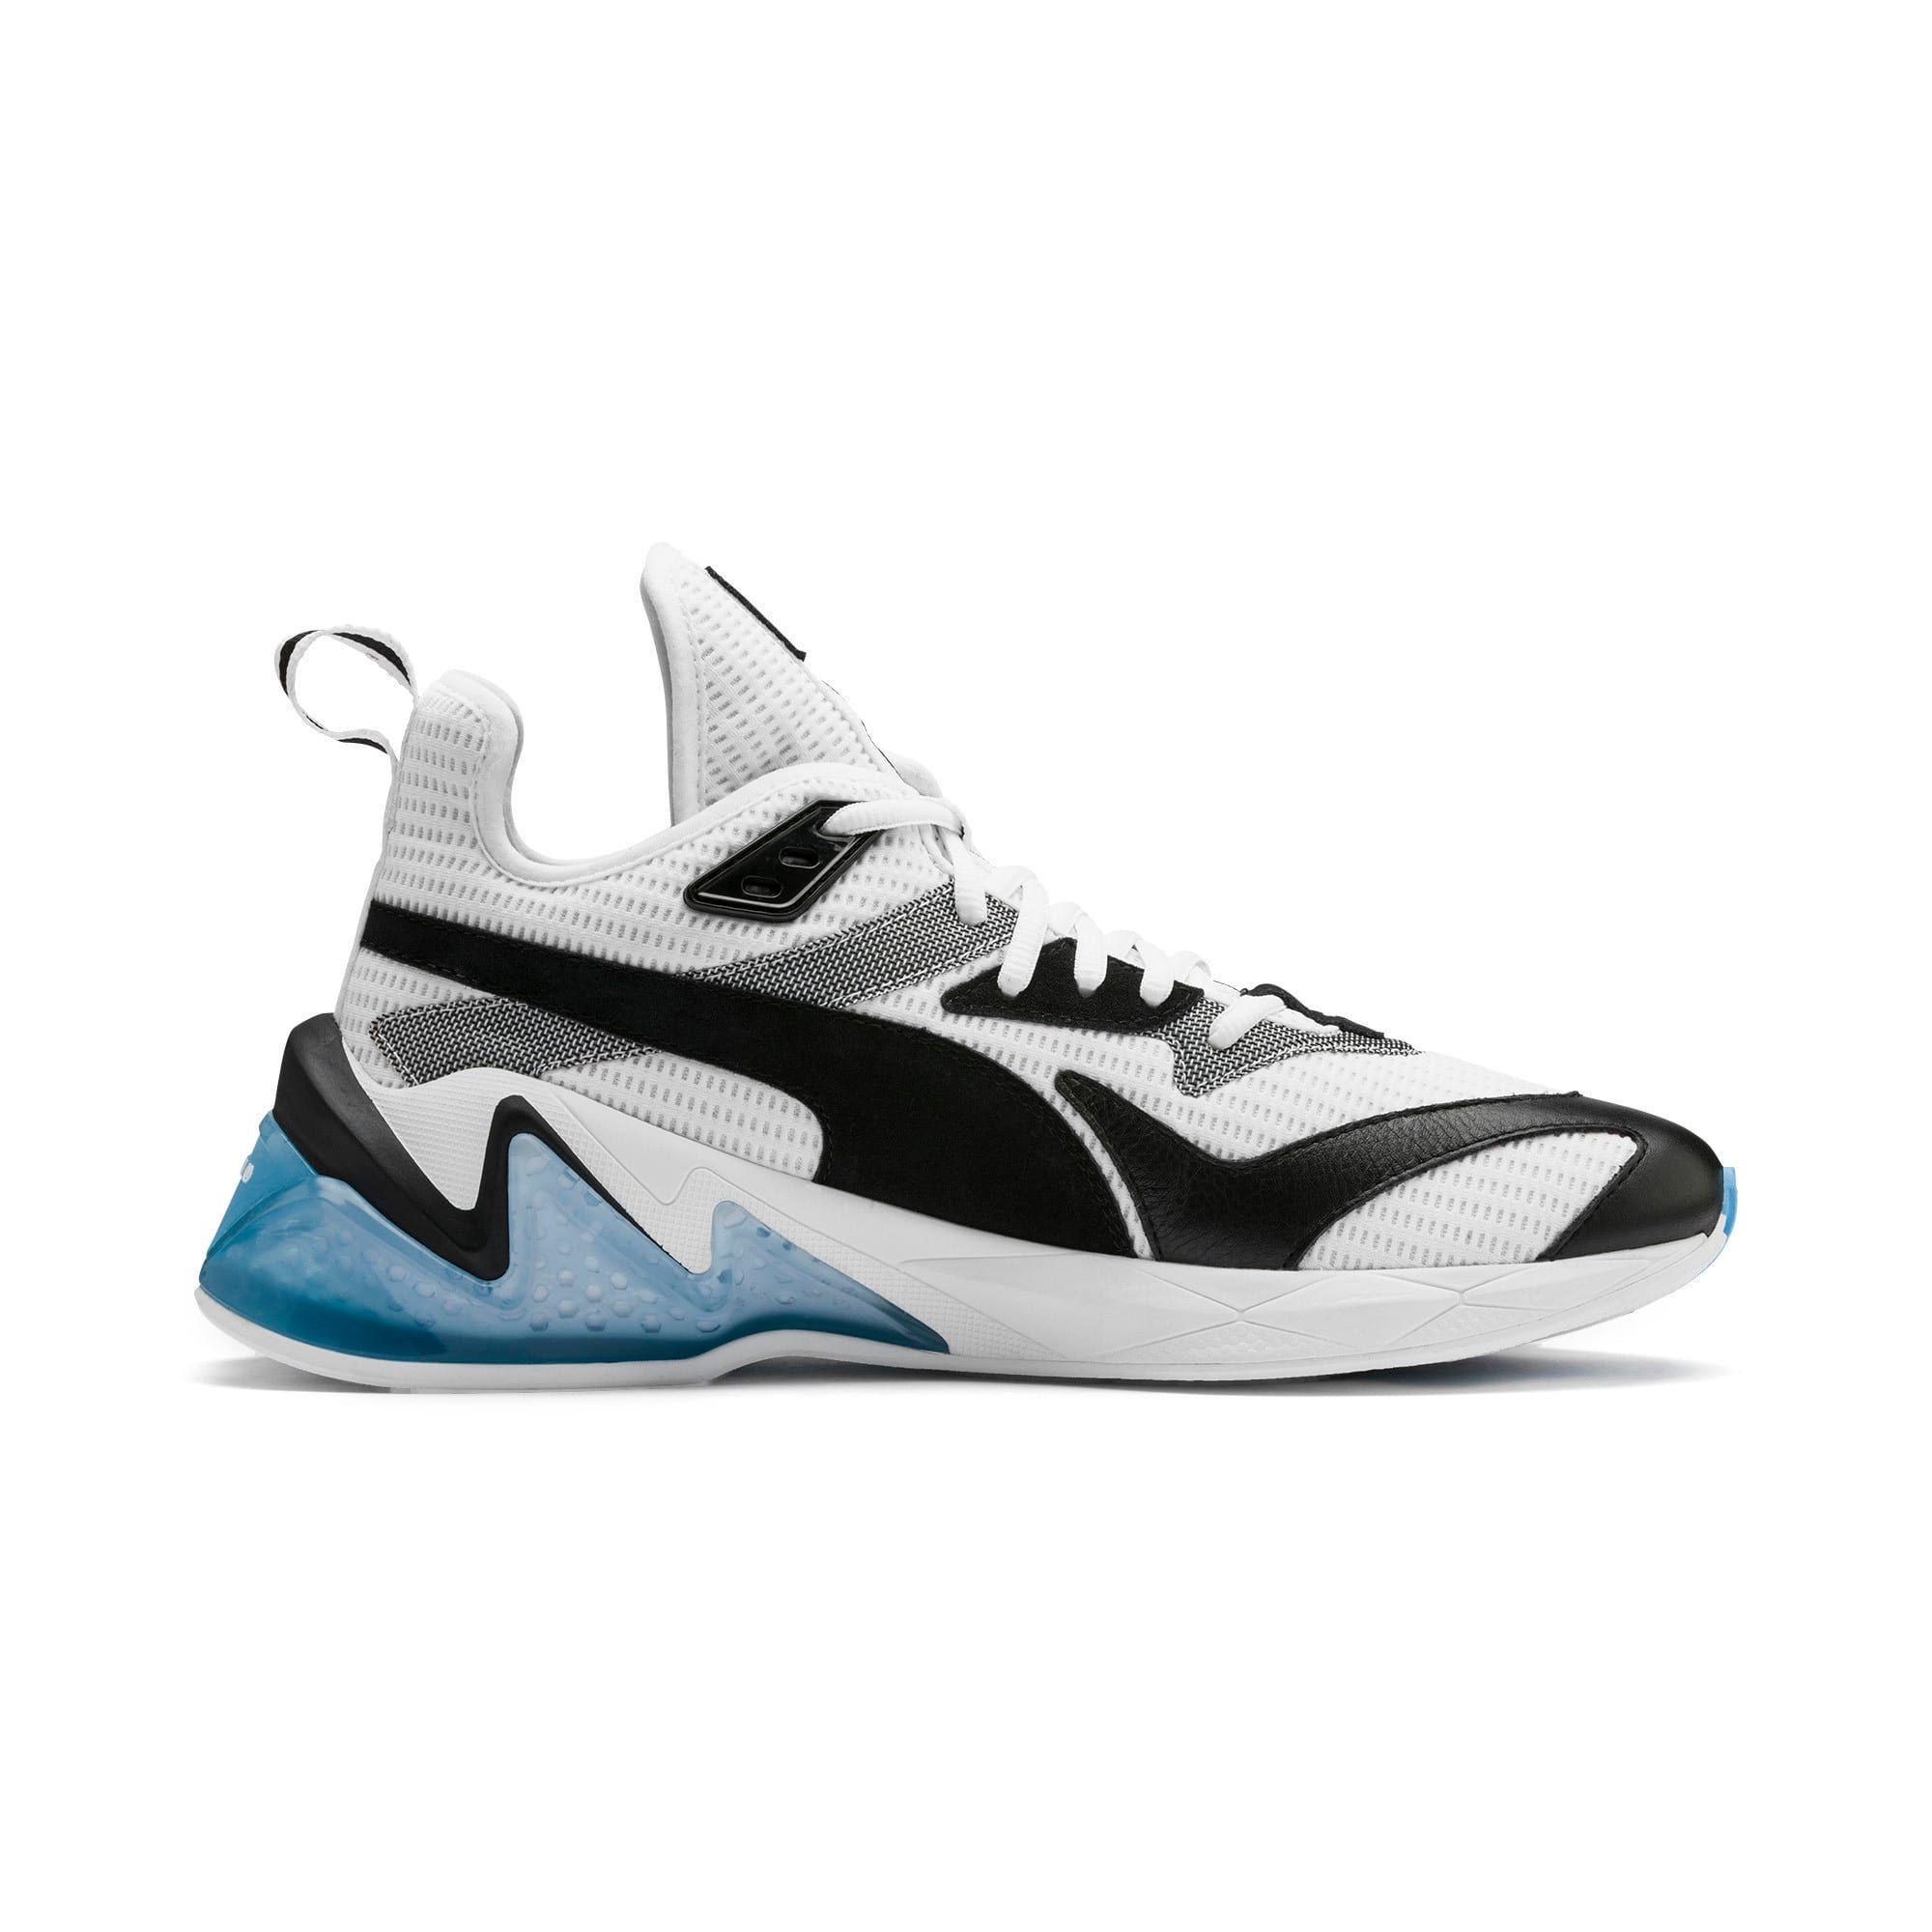 PUMA Chaussure Basket LQDCELL Origin AR pour Homme, Blanc